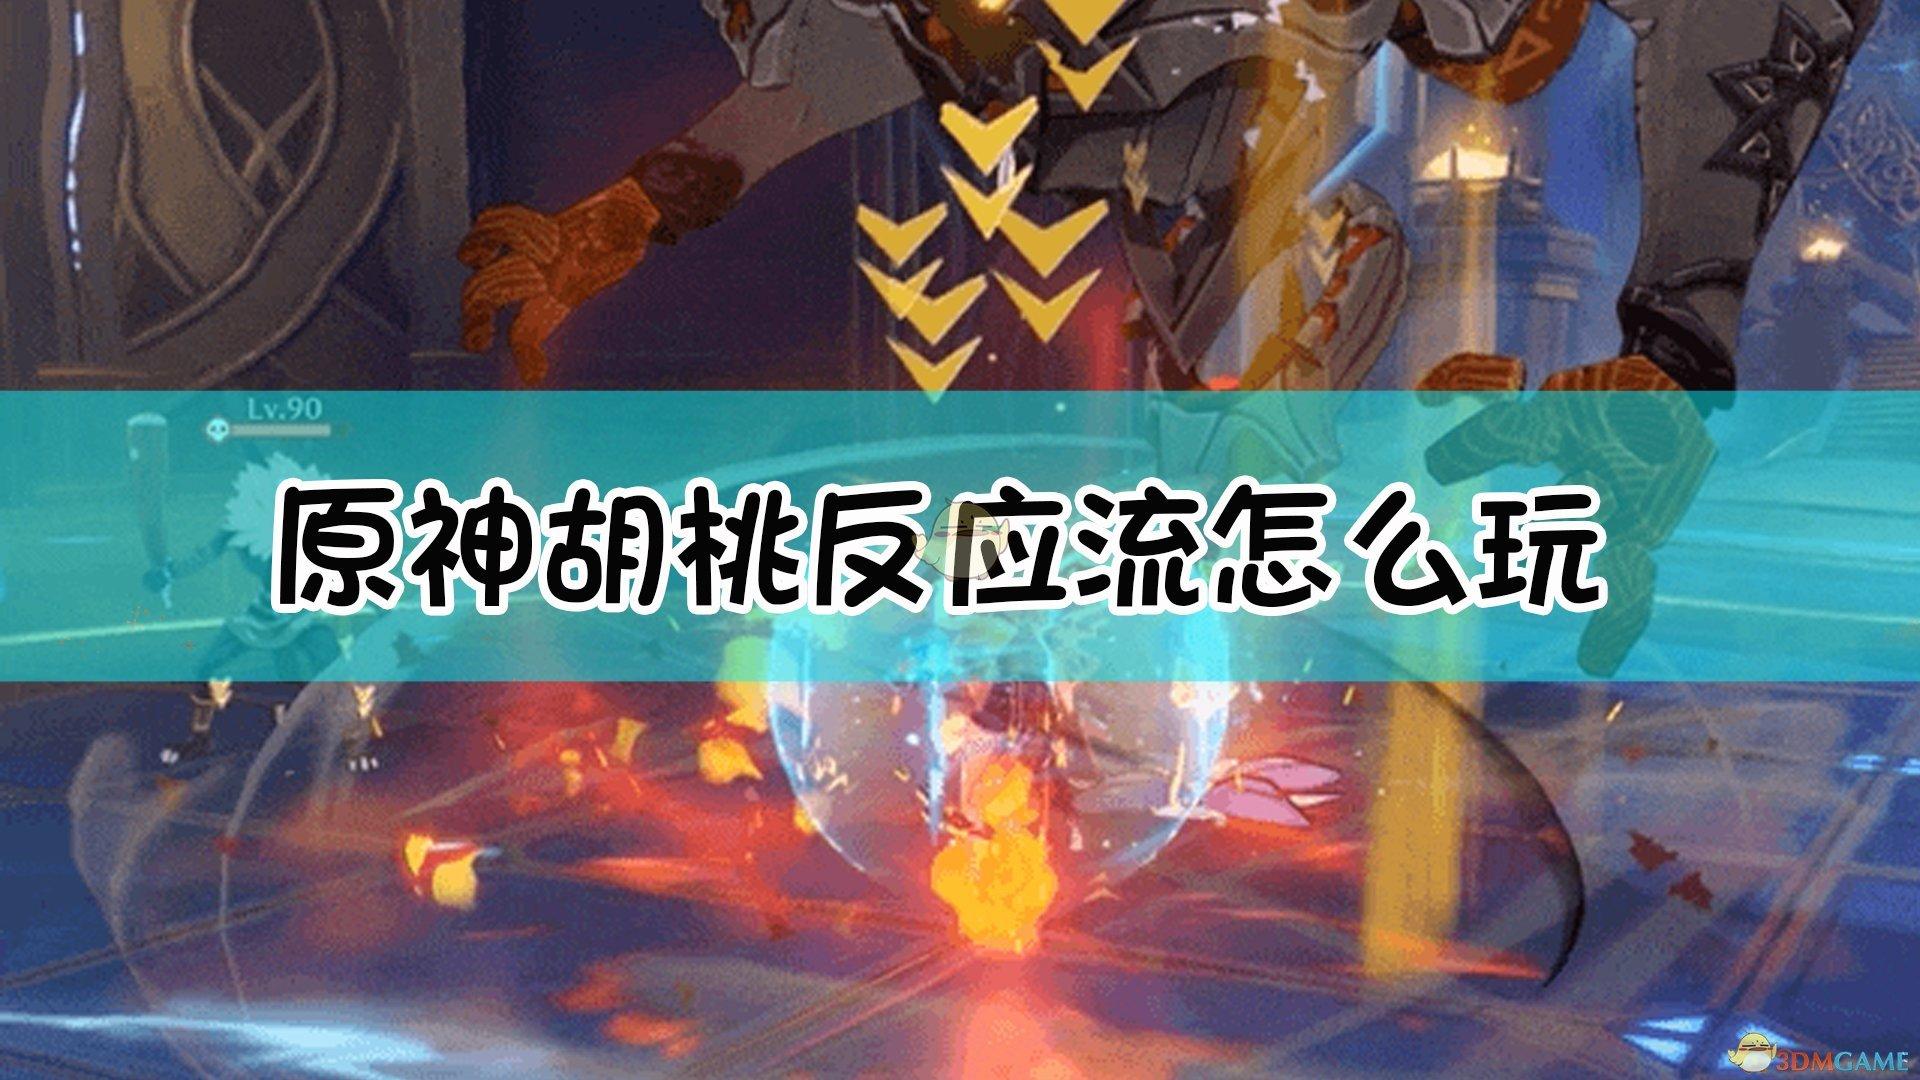 《原神》胡桃反应流玩法介绍